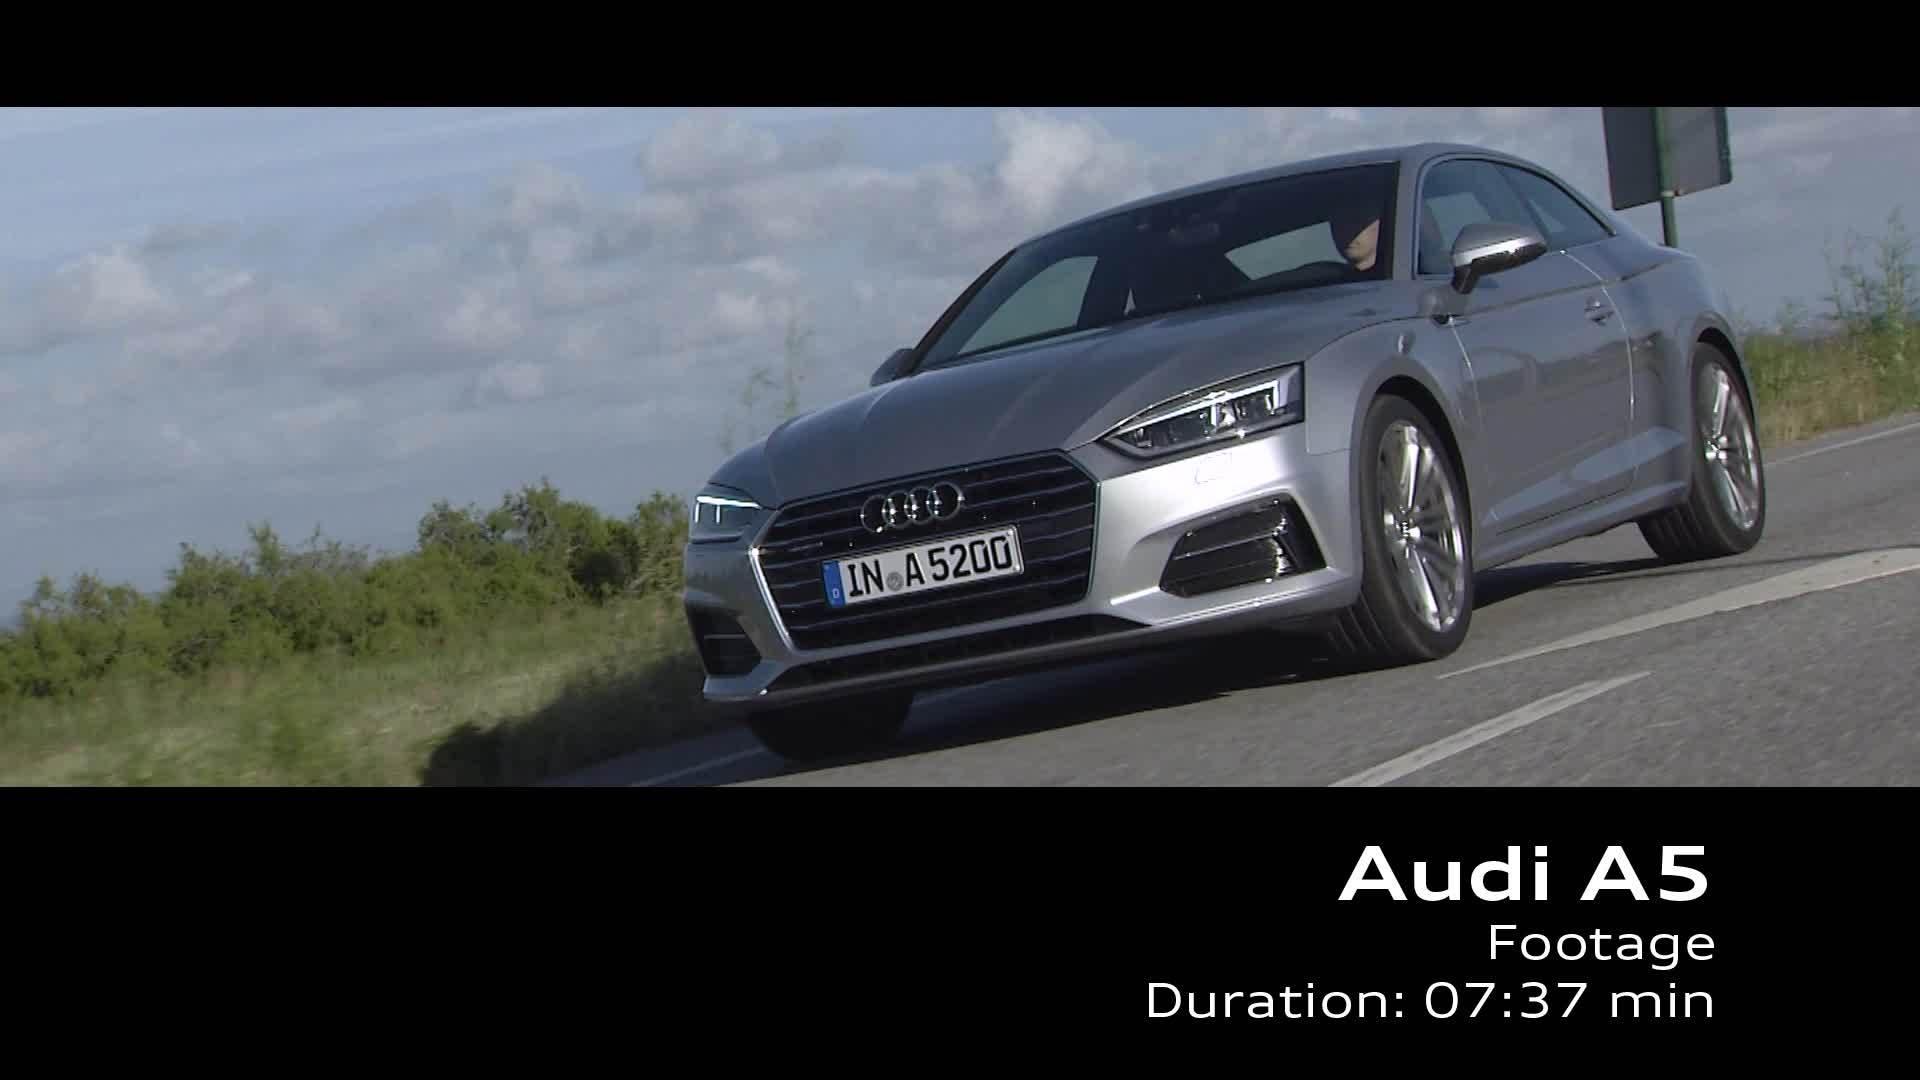 Audi A5 Coupé – Footage on Location